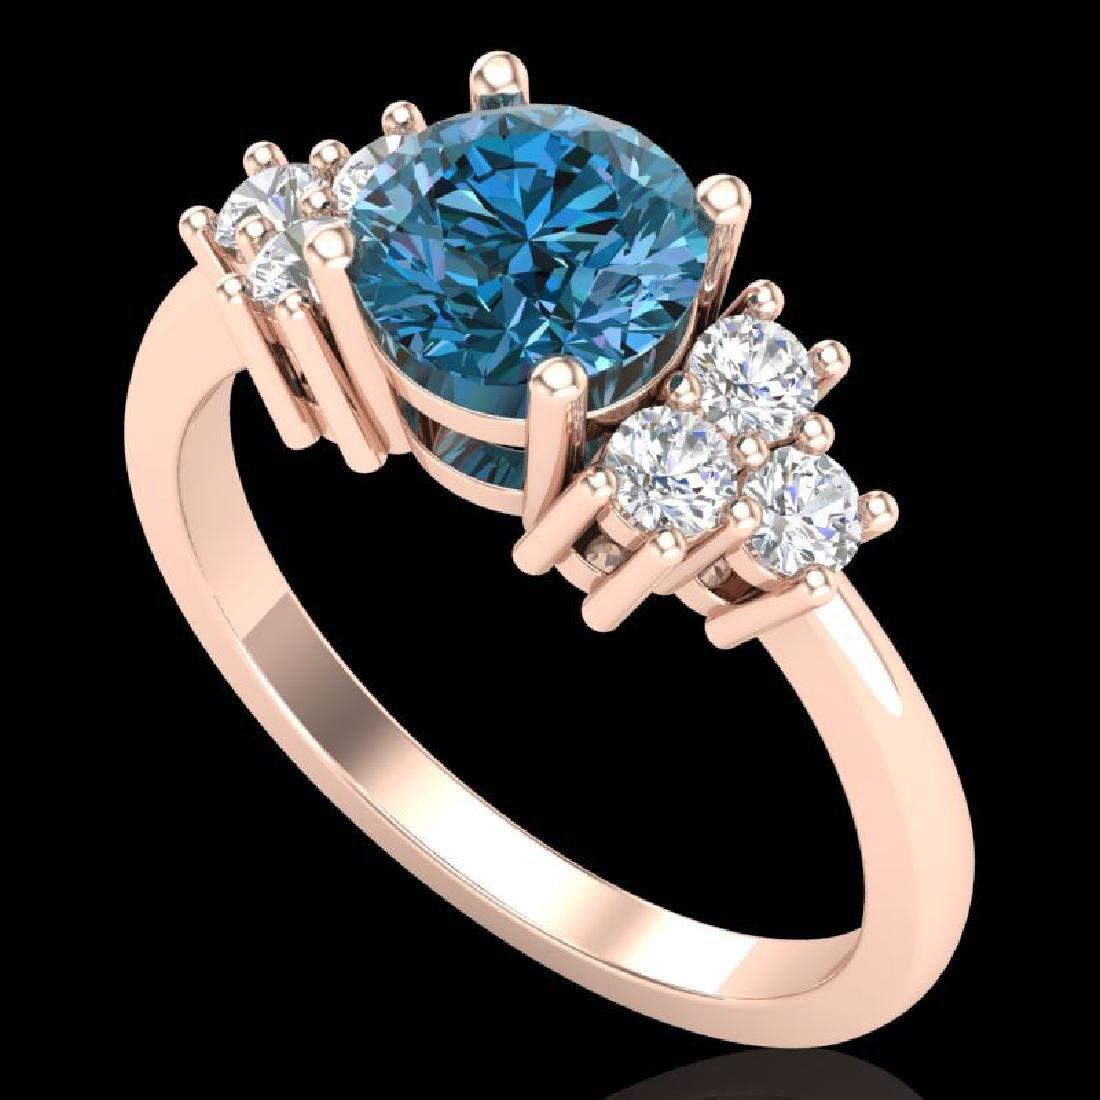 1.5 CTW Intense Blue Diamond Solitaire Engagement